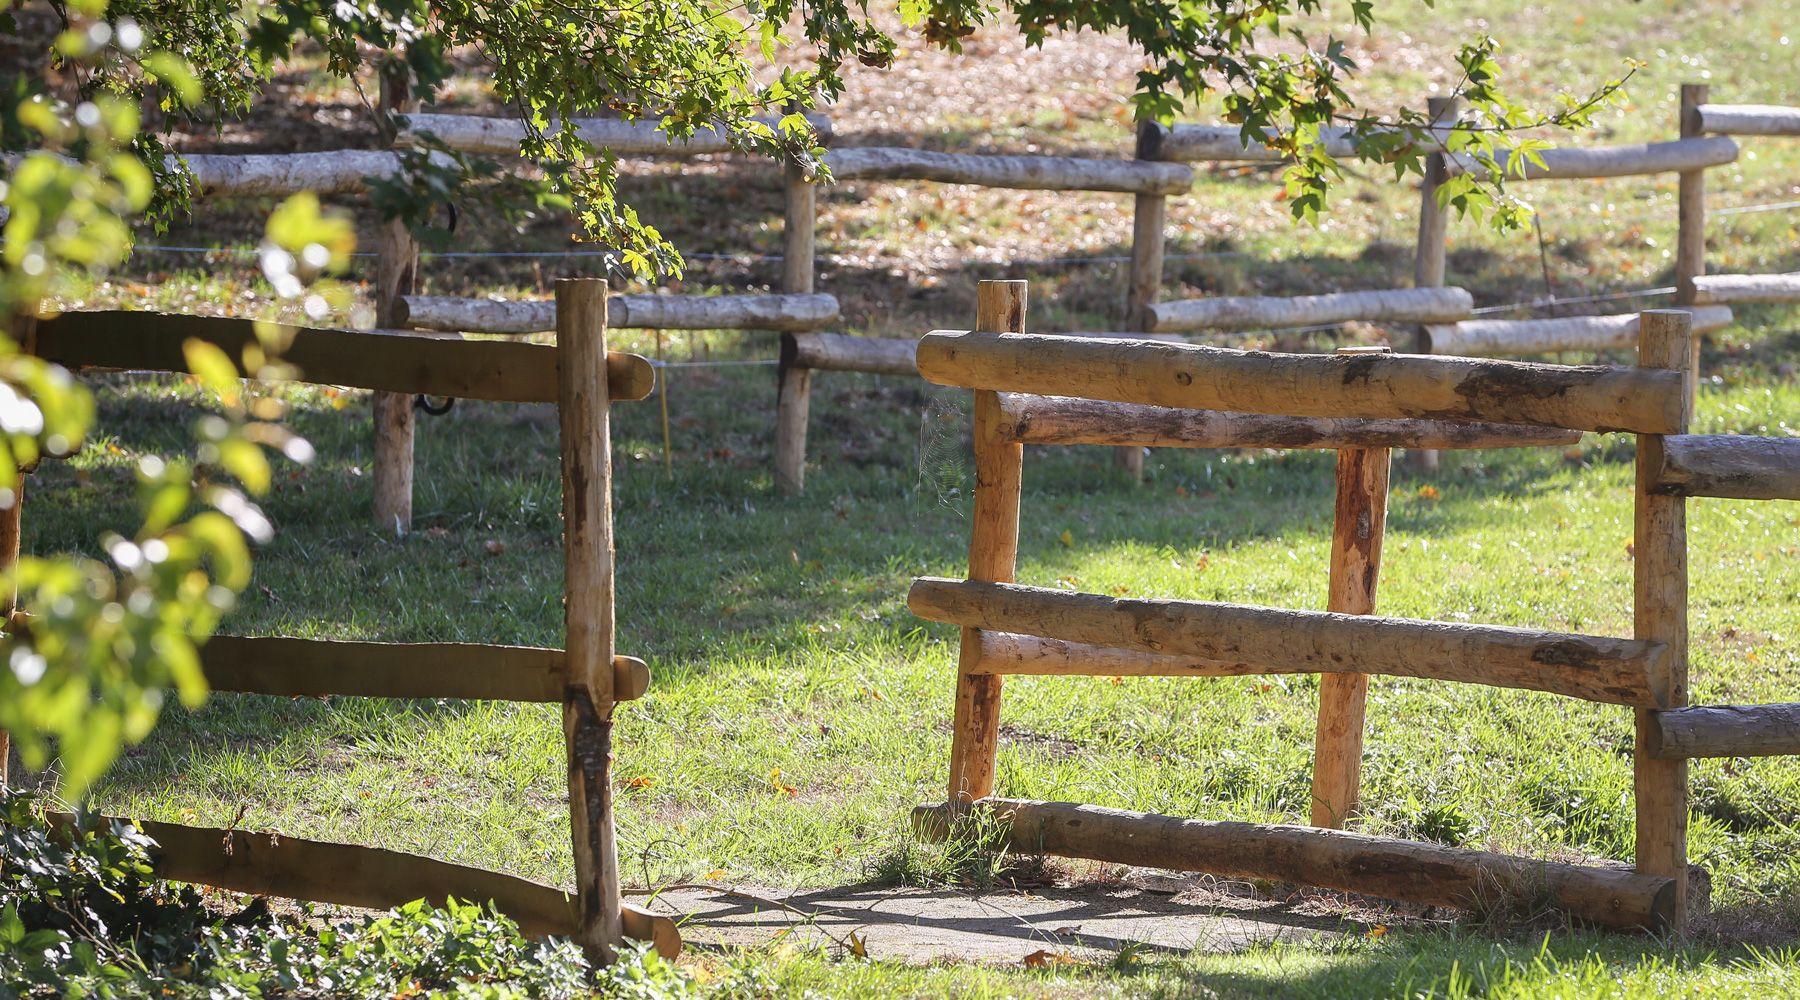 Piquets bois charente le sp cialiste des piquets bois et du treillage bois en charente for Specialiste cloture